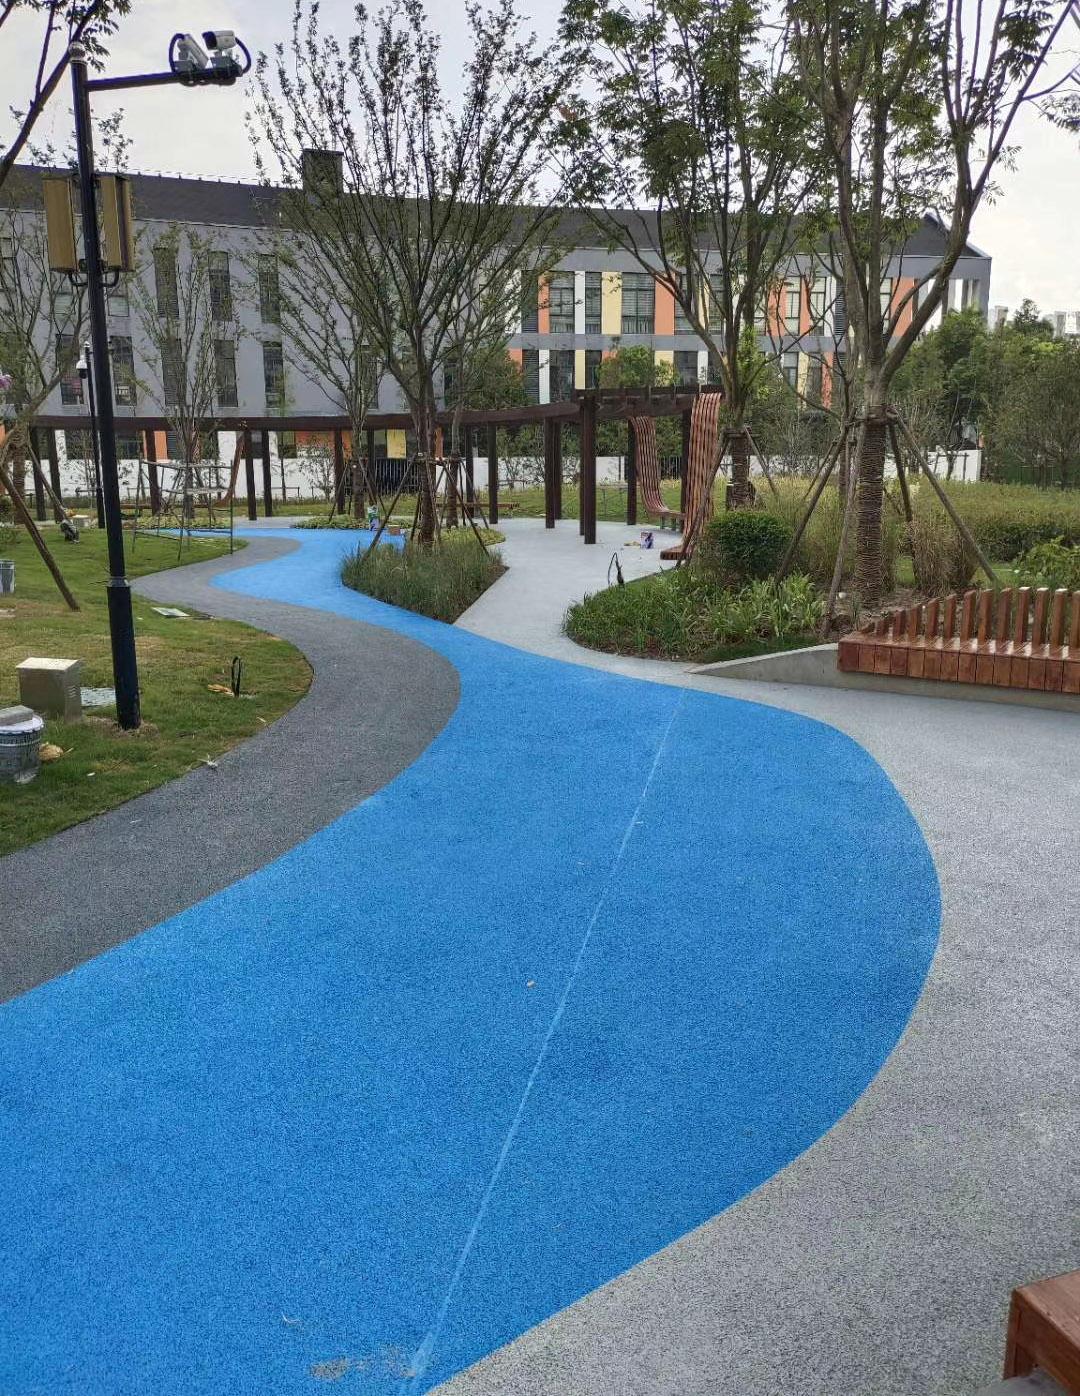 彩色沥青路面和透水混凝土性能差异对比